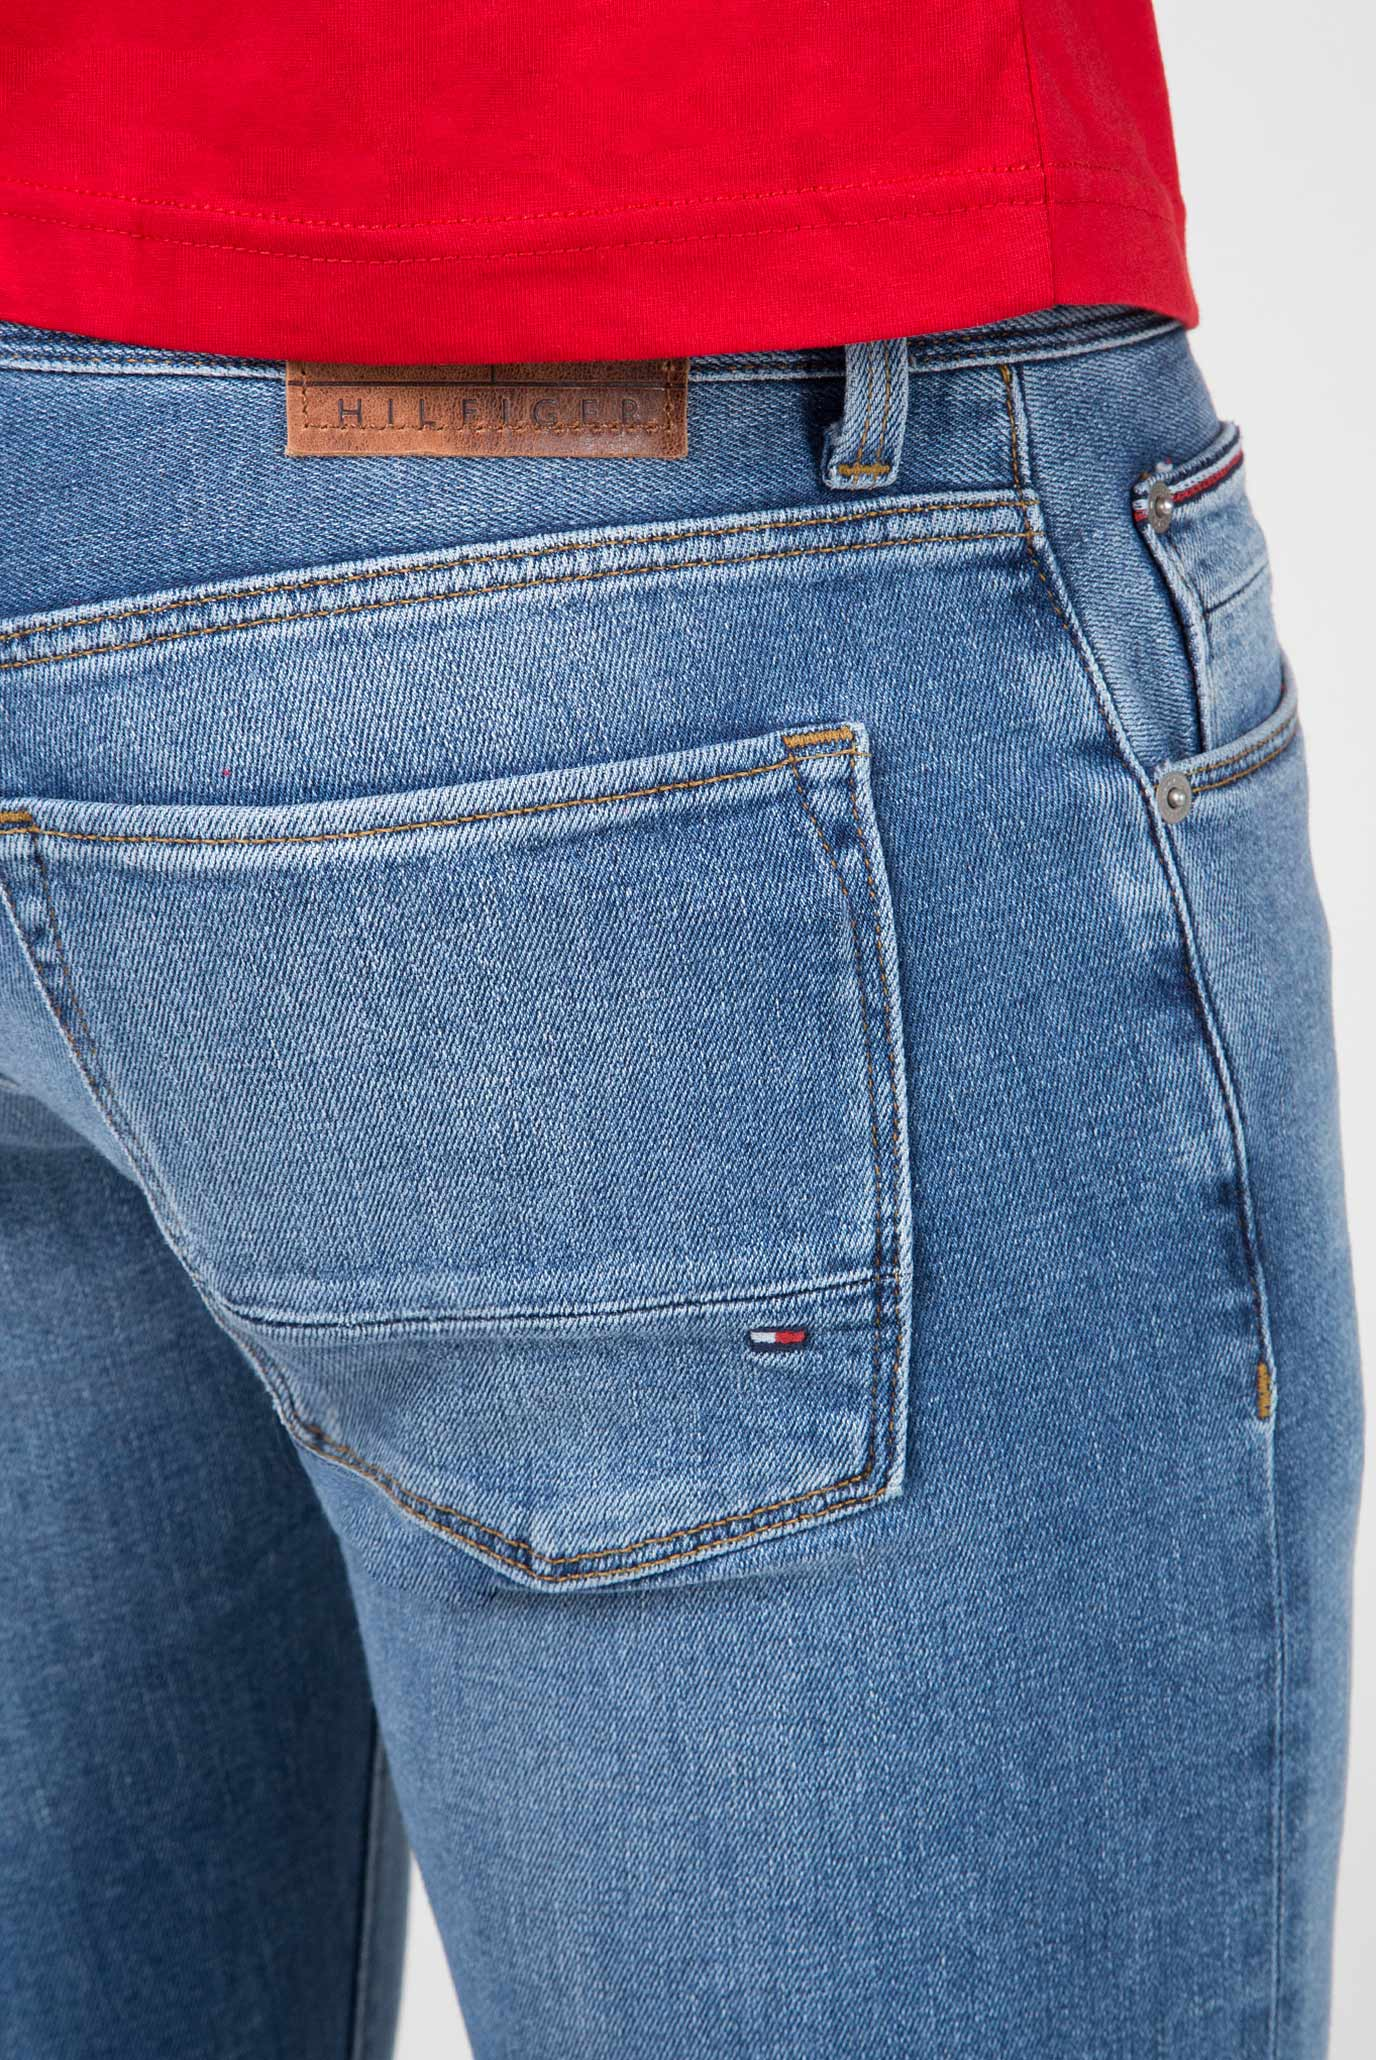 Купить Мужские синие джинсы STRAIGHT DENTON STR KUNA Tommy Hilfiger Tommy Hilfiger MW0MW08761 – Киев, Украина. Цены в интернет магазине MD Fashion